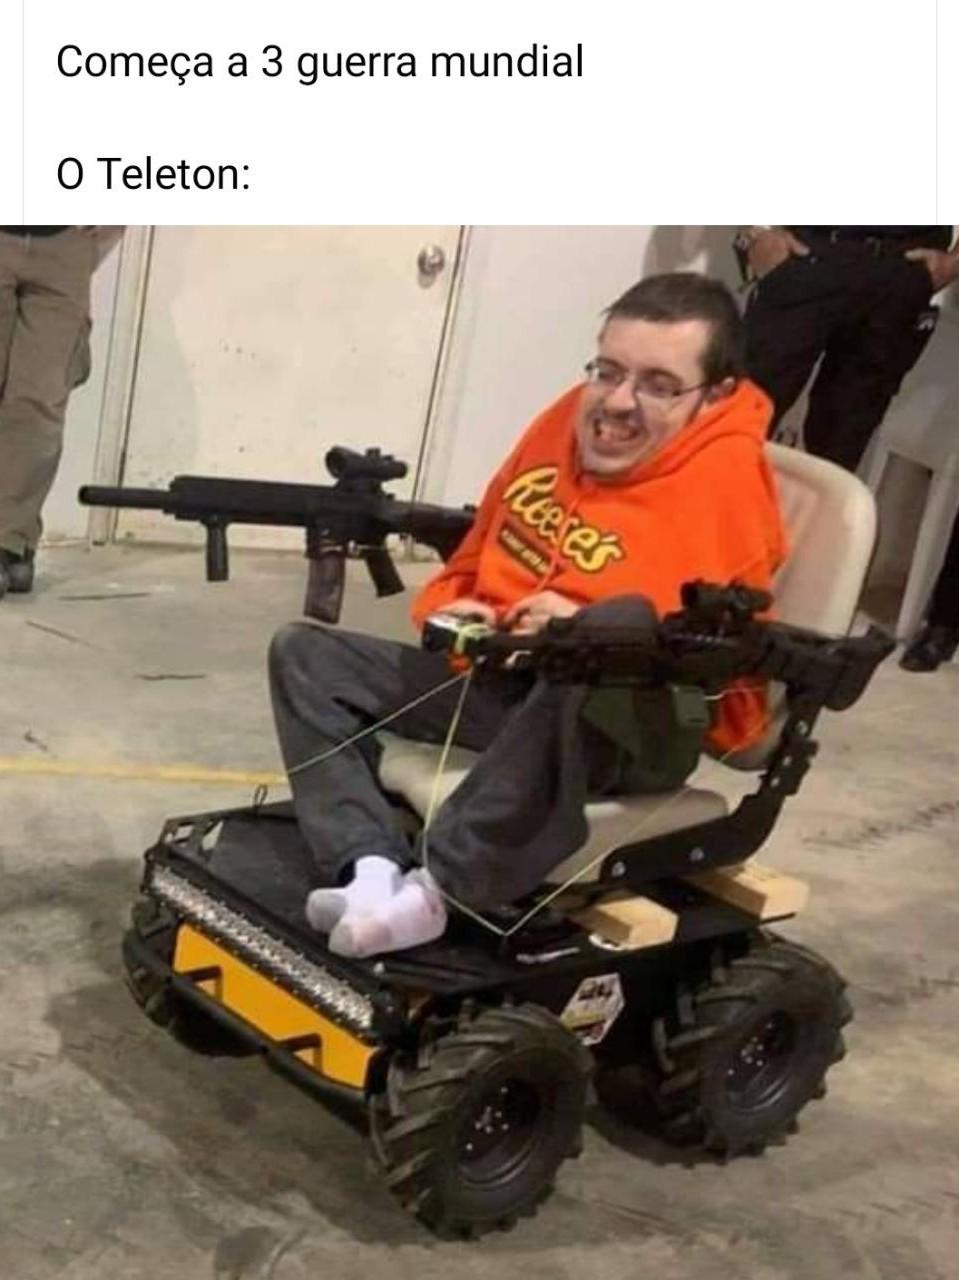 Cadeirante tunado - meme